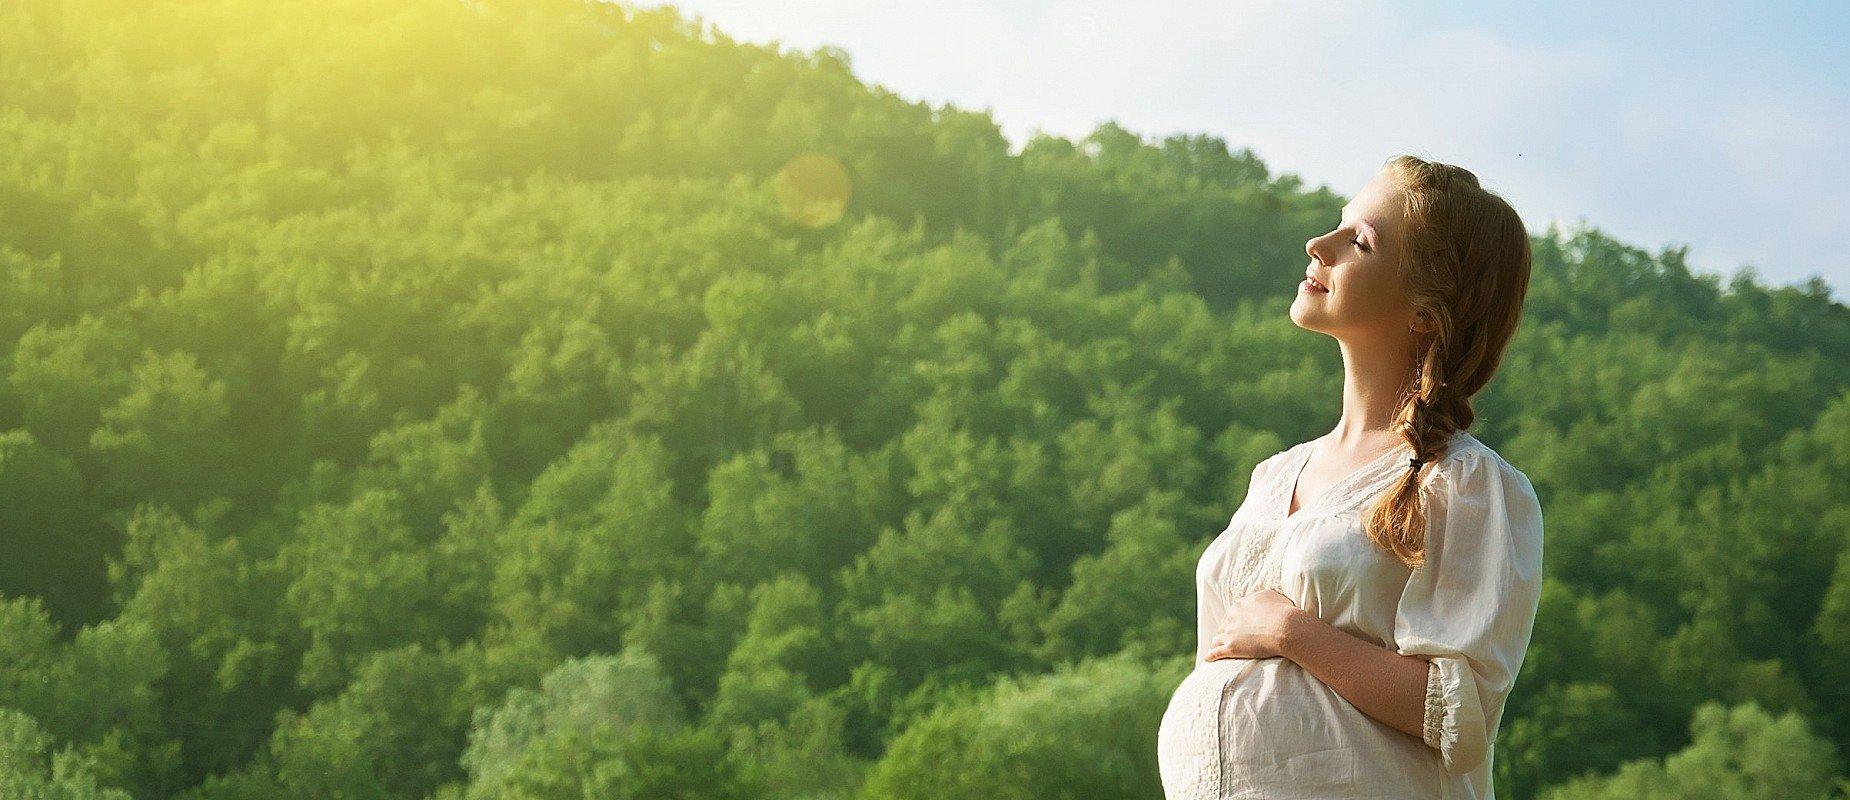 Фосфалюгель: первый помощник от изжогипри беременности